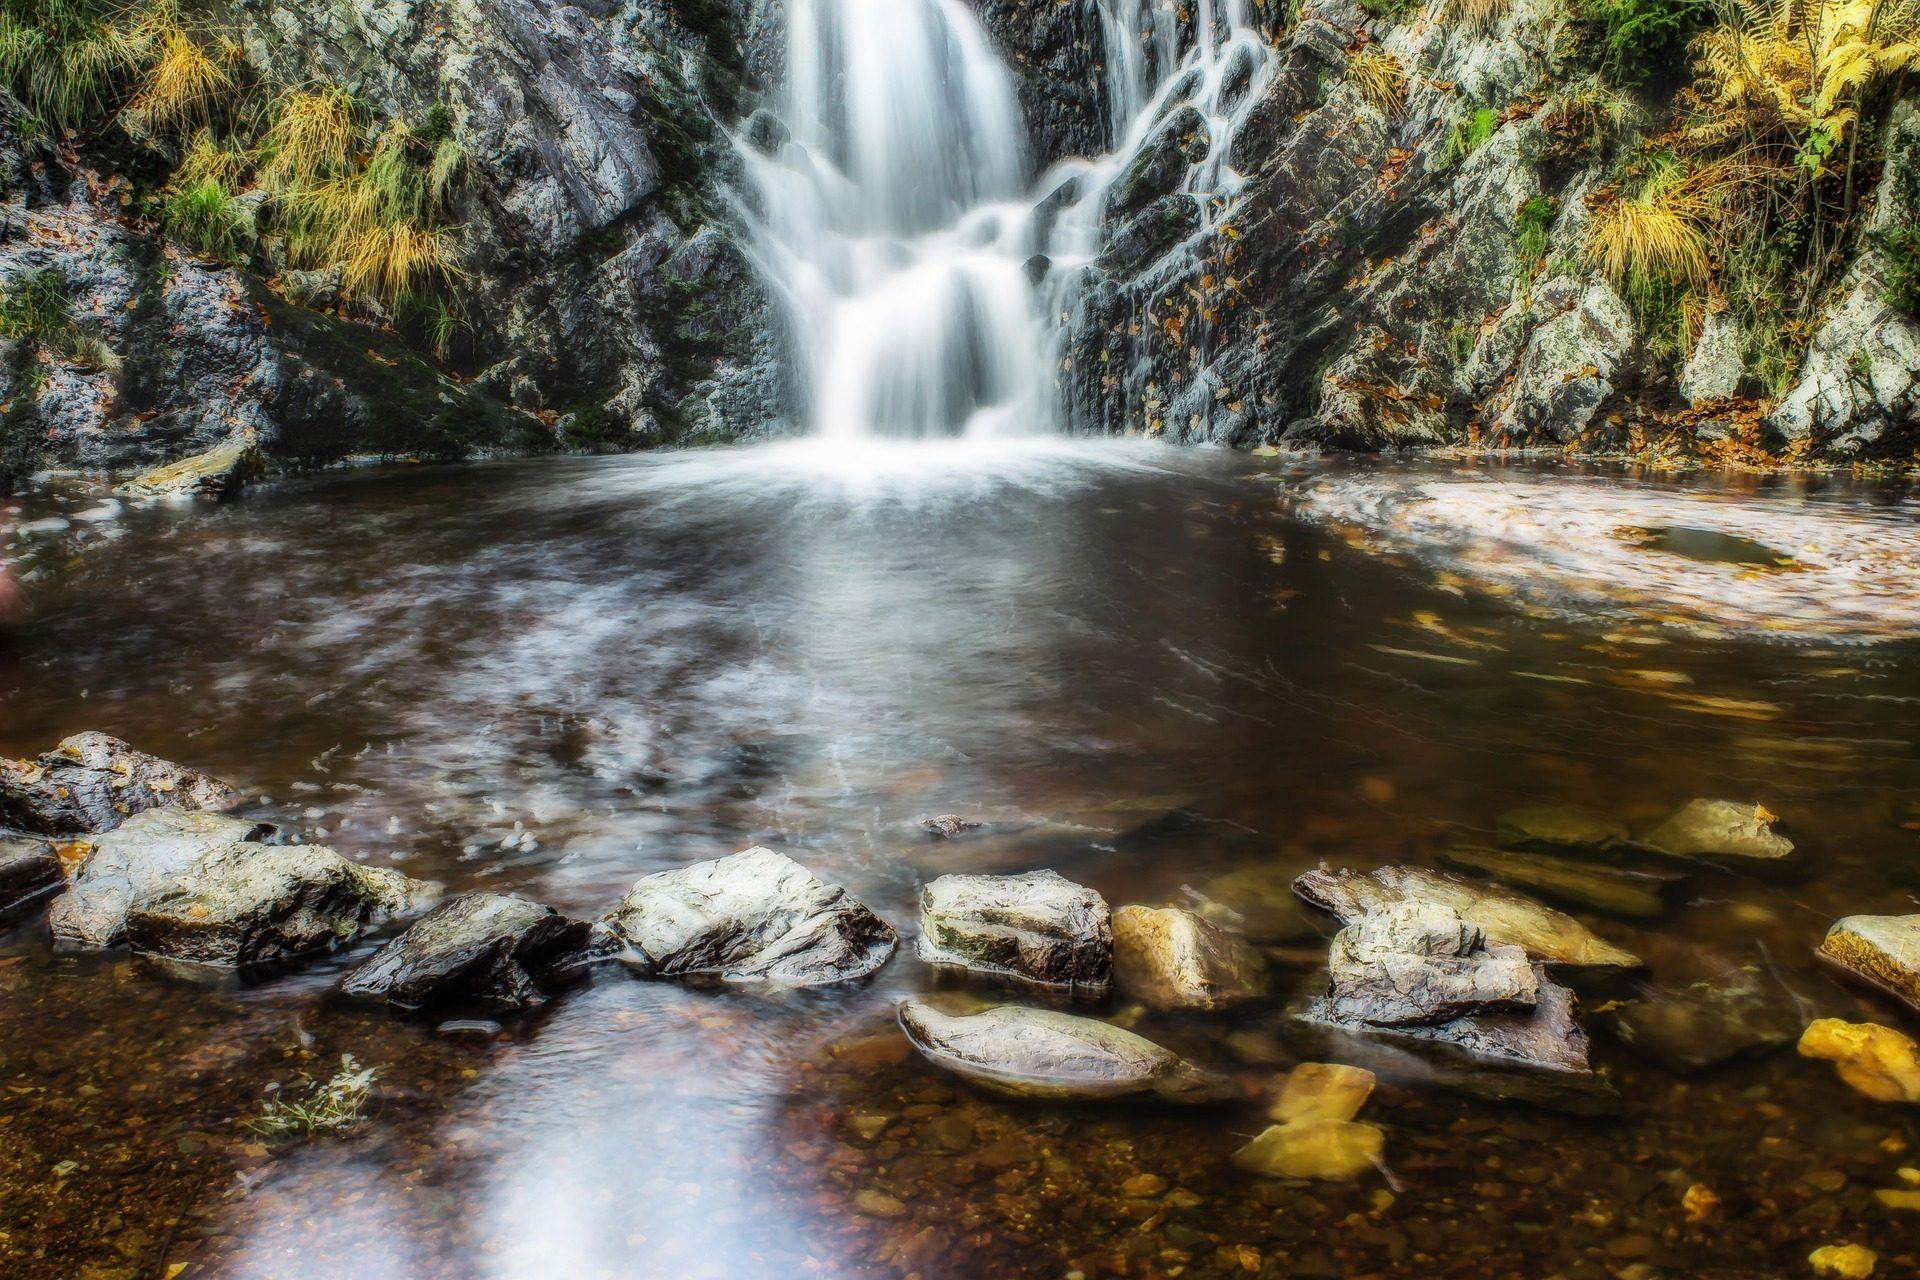 cascada, Водопад, Рио, воды, текущий - Обои HD - Профессор falken.com